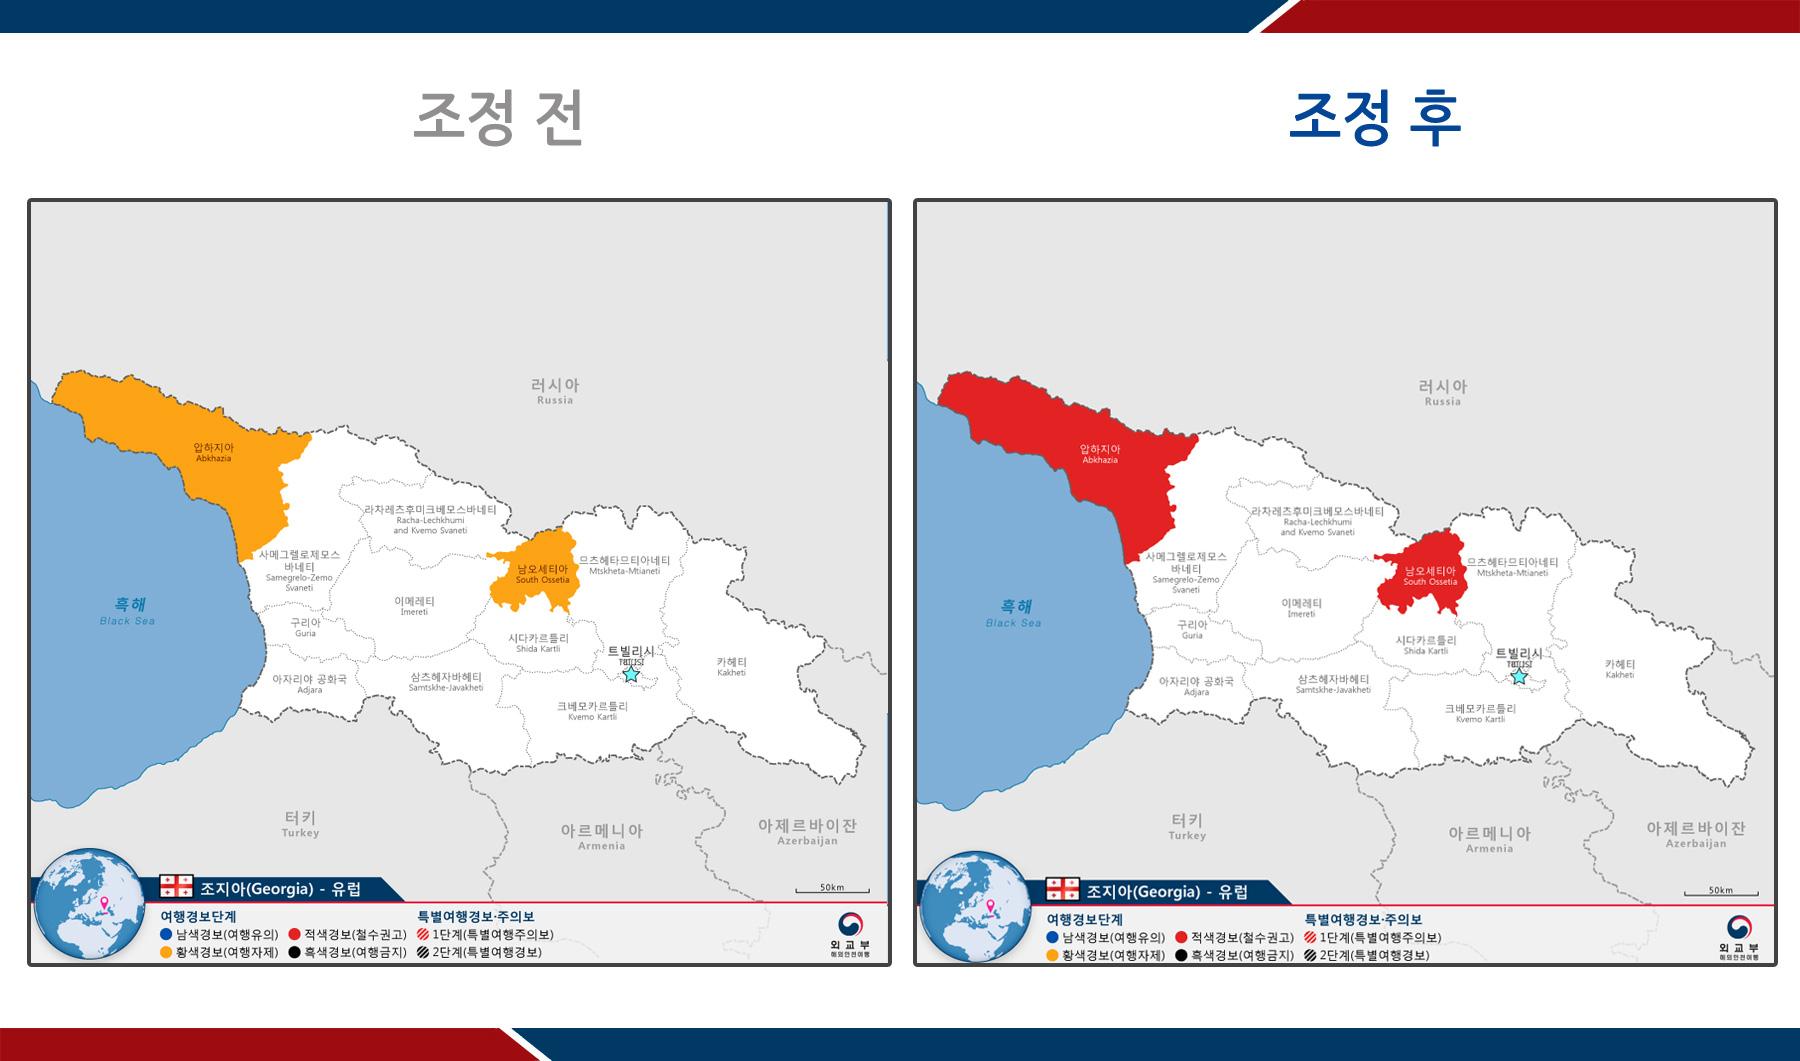 압하지아와 남오세티아 지역의 정세 불안이 지속되고 있고, 조지아 정부가 자국의 허가 없는 외국인 방문에 대해 벌금 부과, 체포․구금 등 입장을 보이고 있는 점을 감안하여 해당 지역에 대해 기존 2단계(황색경보, 여행자제)에서 3단계(적색경보, 철수권고)로 상향 조정되었다.